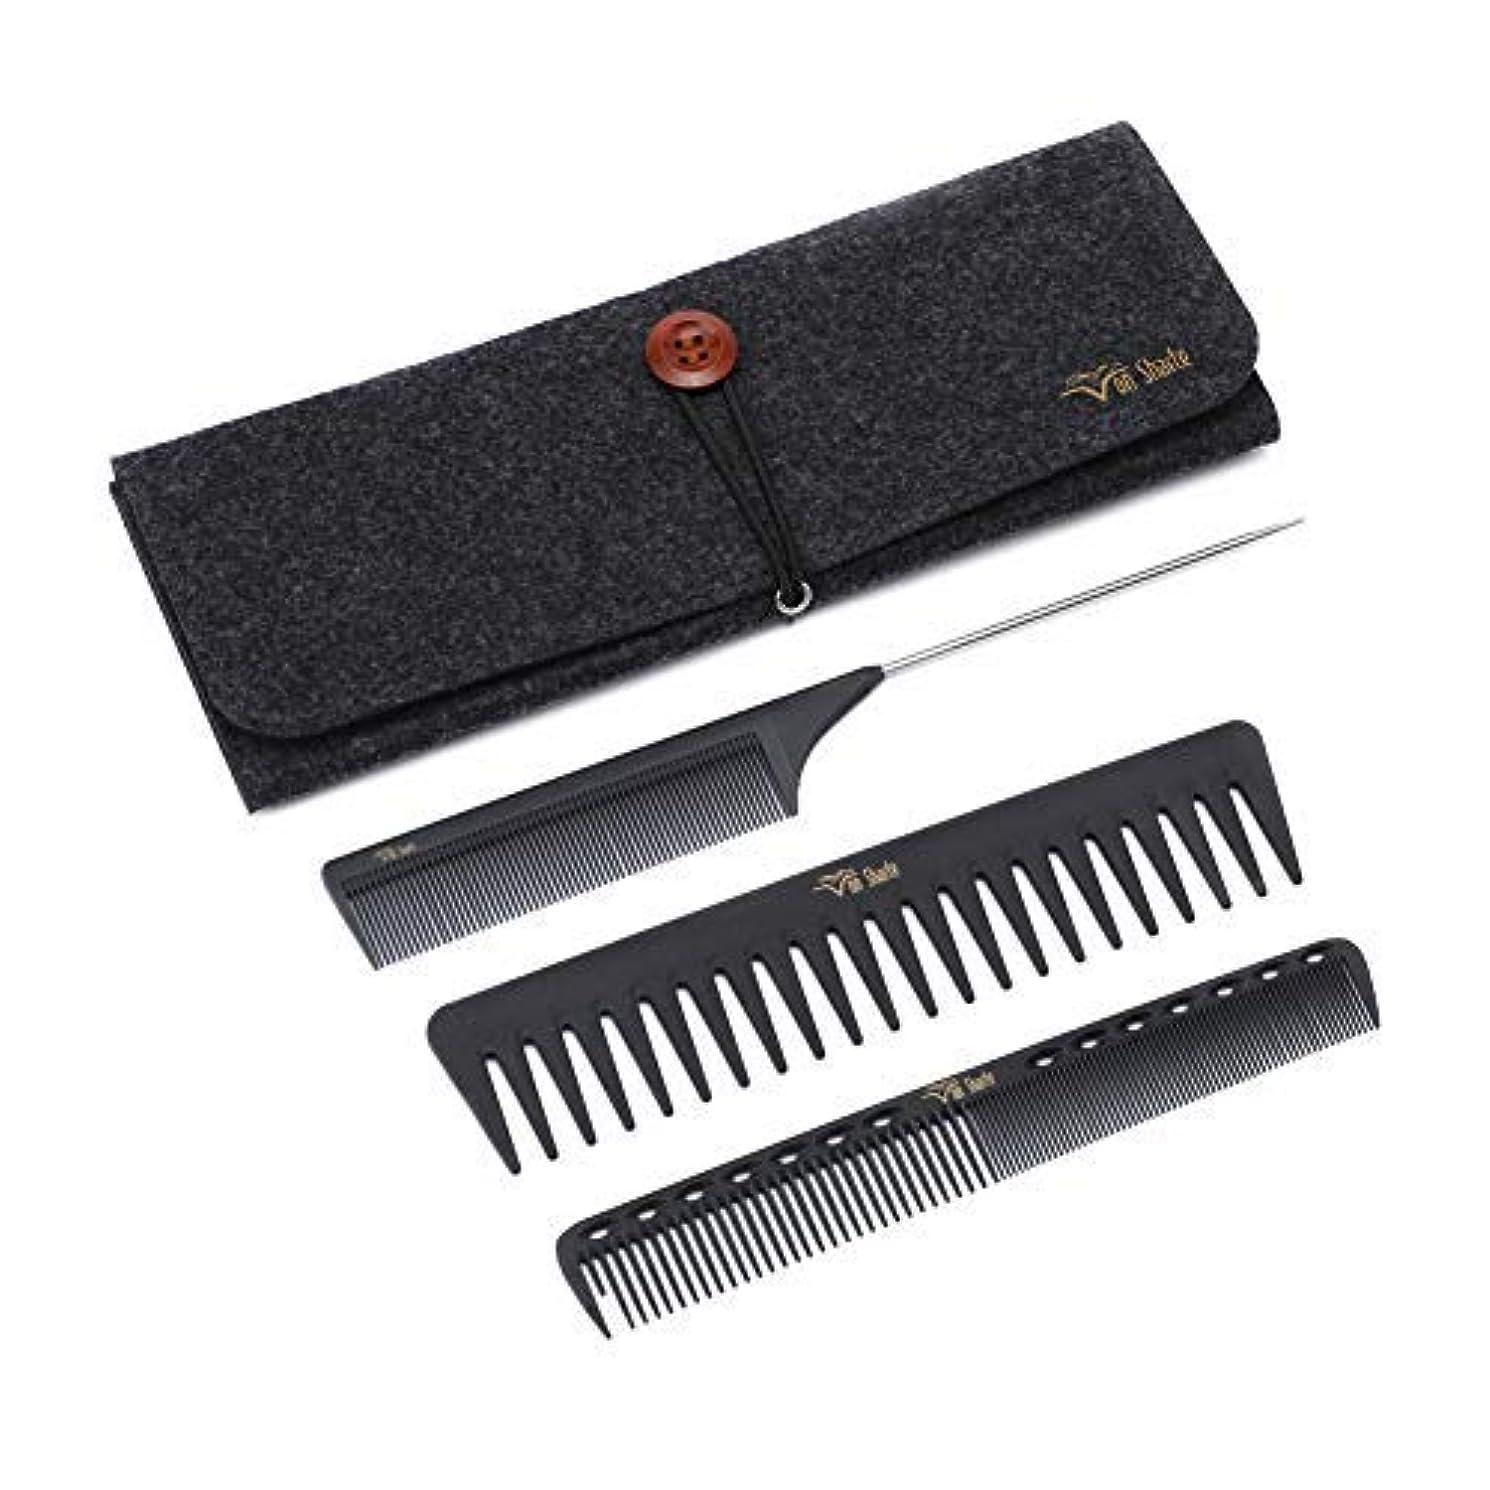 定期的パーツアーティキュレーションStyling Comb Set,Hairdresser Barber Comb Cutting Hair Comb Carbon Fiber Wide Tooth Comb Metal Rat Pin Tail Comb...